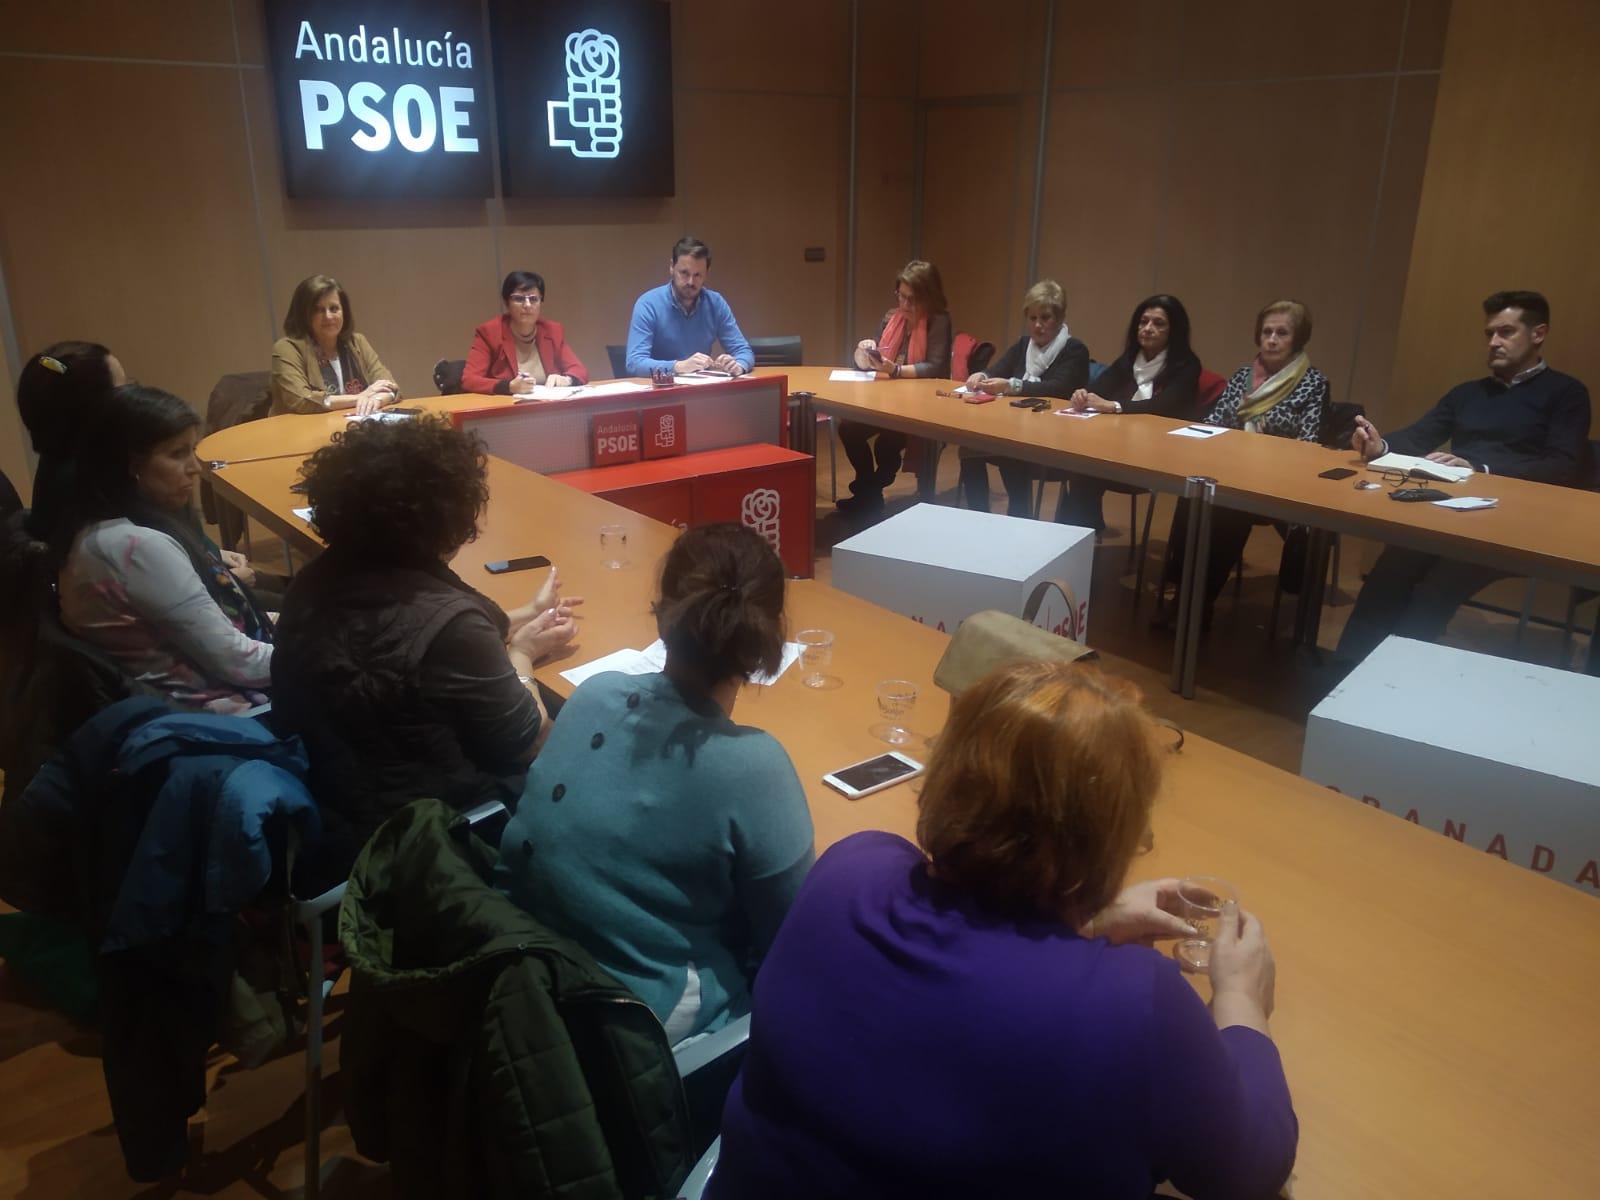 26 proyectos contra la violencia de género dejan de estar financiados por la Junta según denuncia el PSOE